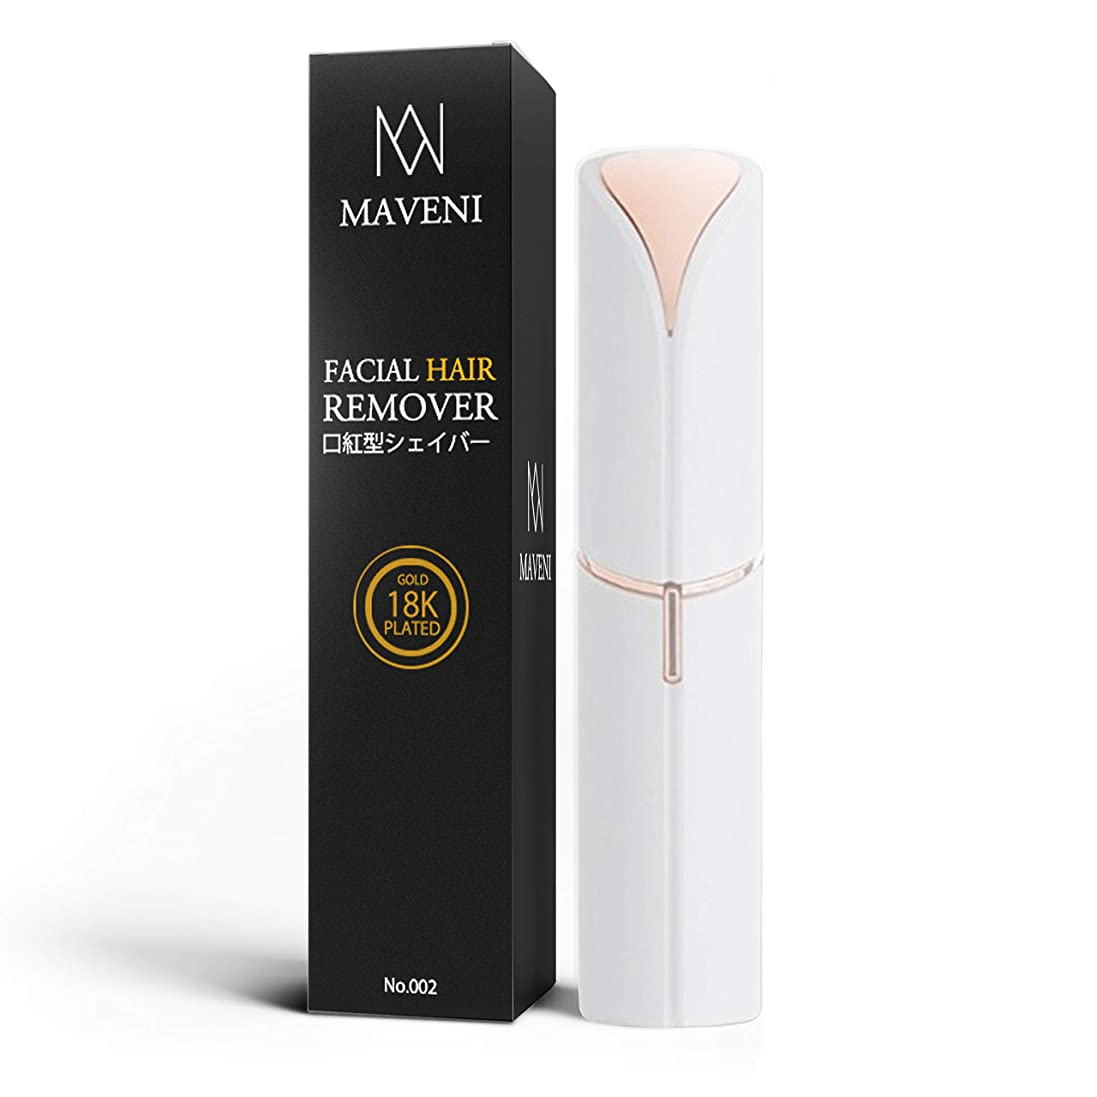 音声放牧する管理者Maveni(マヴェニ) レディースシェーバー?脱毛器 女性 顔剃り 回転式 LEDライト付き シェーバー レディ用 (ホワイト)